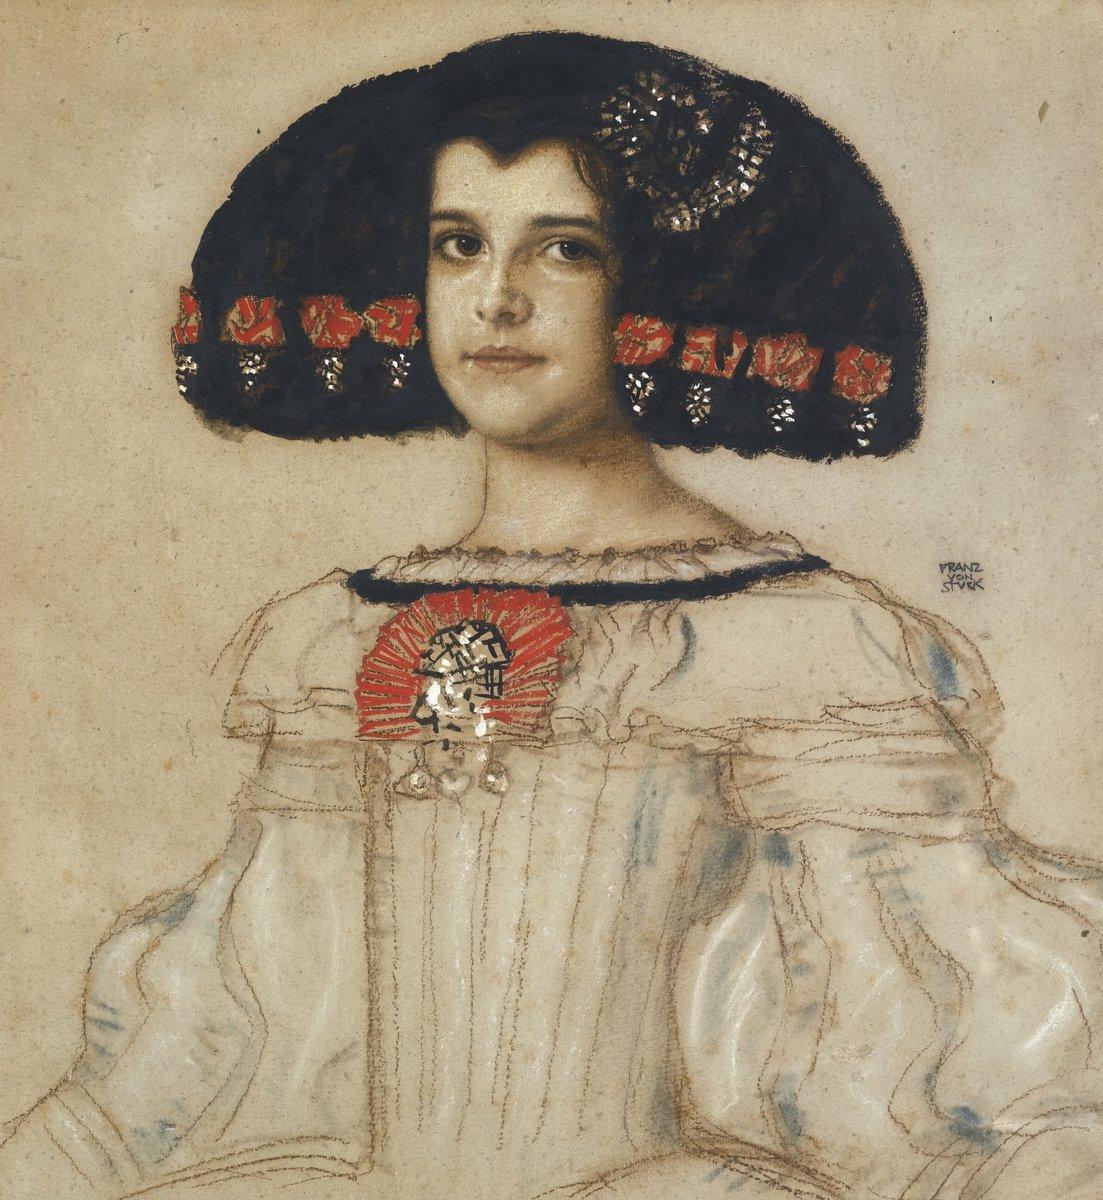 Картины пастелью, картина Фон Штук Франц «Дочь художника Мари в костюме Веласкеса»Картины пастелью<br>Репродукция на холсте или бумаге. Любого нужного вам размера. В раме или без. Подвес в комплекте. Трехслойная надежная упаковка. Доставим в любую точку России. Вам осталось только повесить картину на стену!<br>